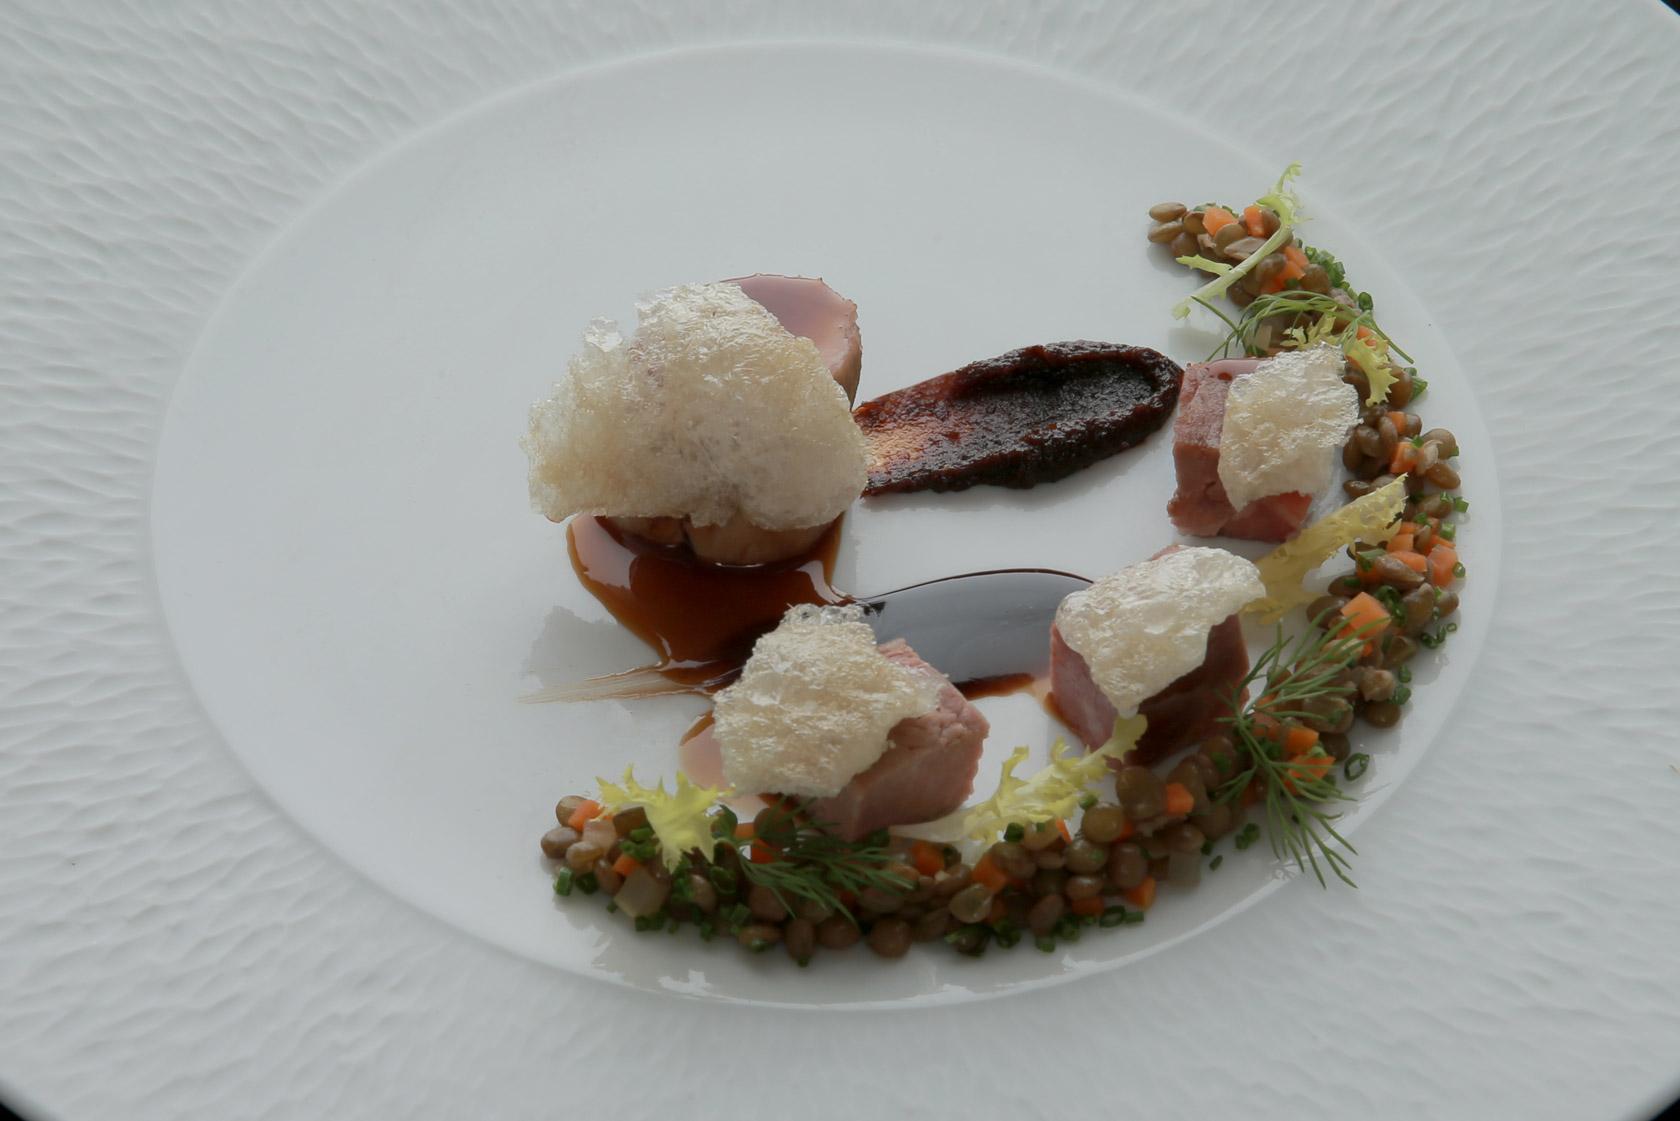 arnolfo_gaetano-trovato-chef-essenze-territorio-3